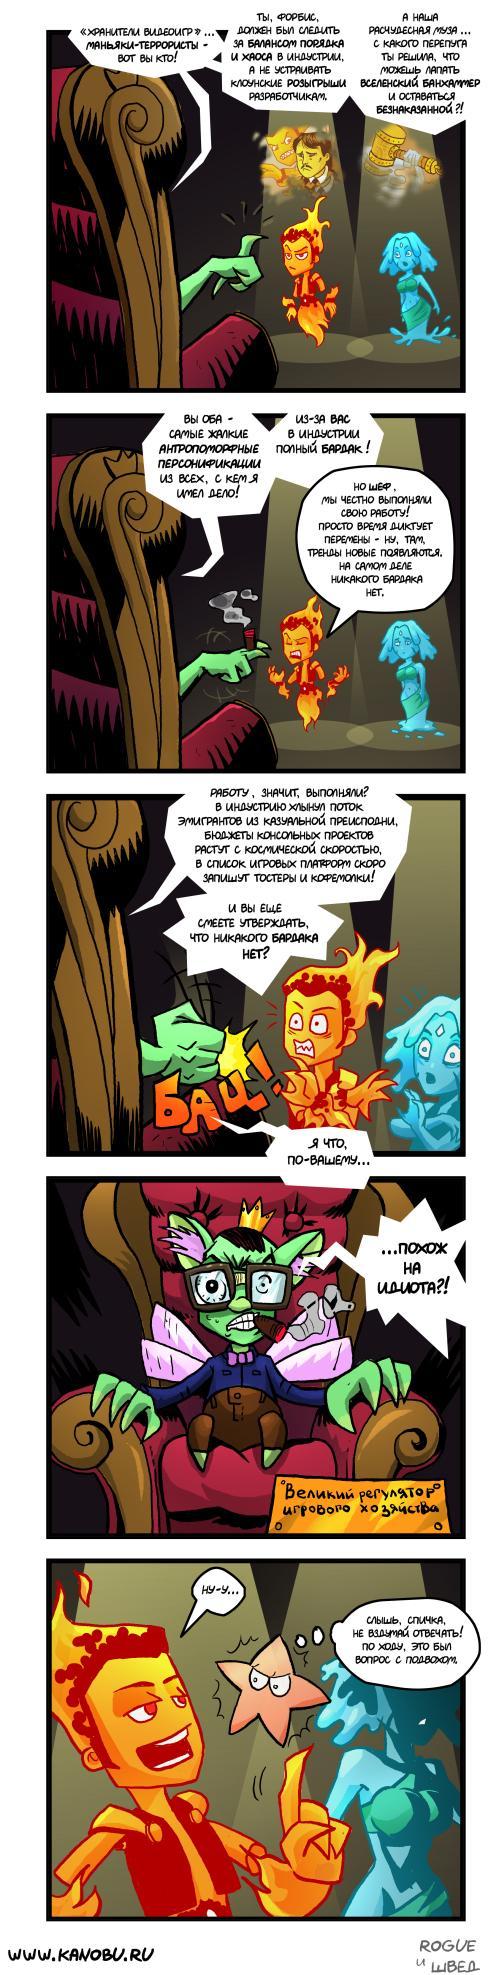 Канобу-комикс. Весь первый сезон - Изображение 15